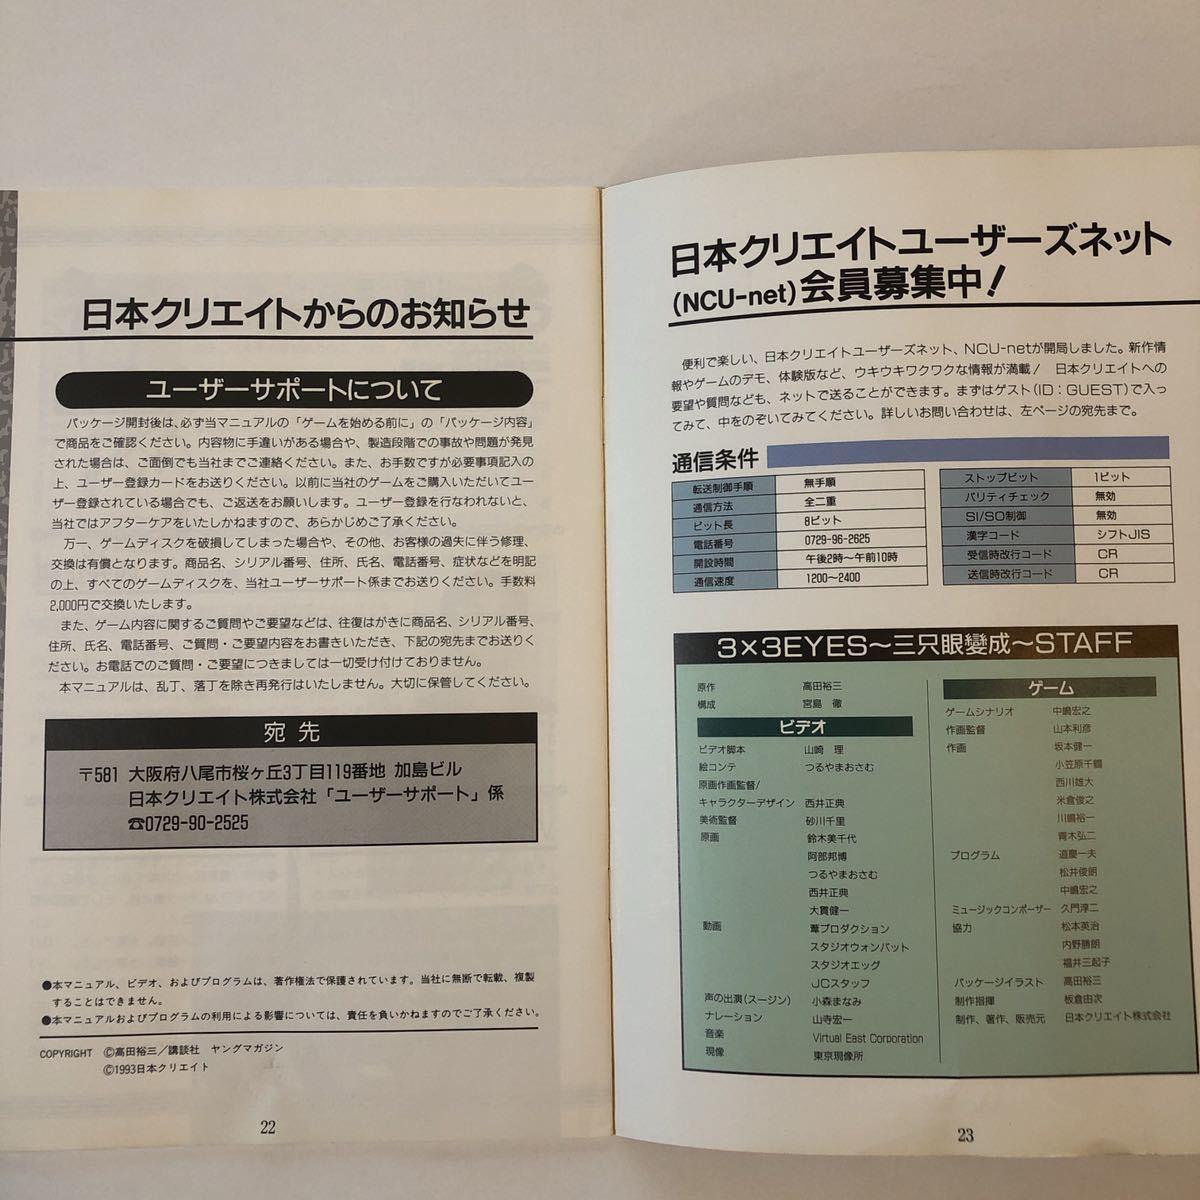 中古本 3x3EYES ~三只眼變成~ サザンアイズ PCゲーム PC9801 ユーザーマニュアル 取説のみ ソフトなし 日本クリエイト 高田裕三_画像4